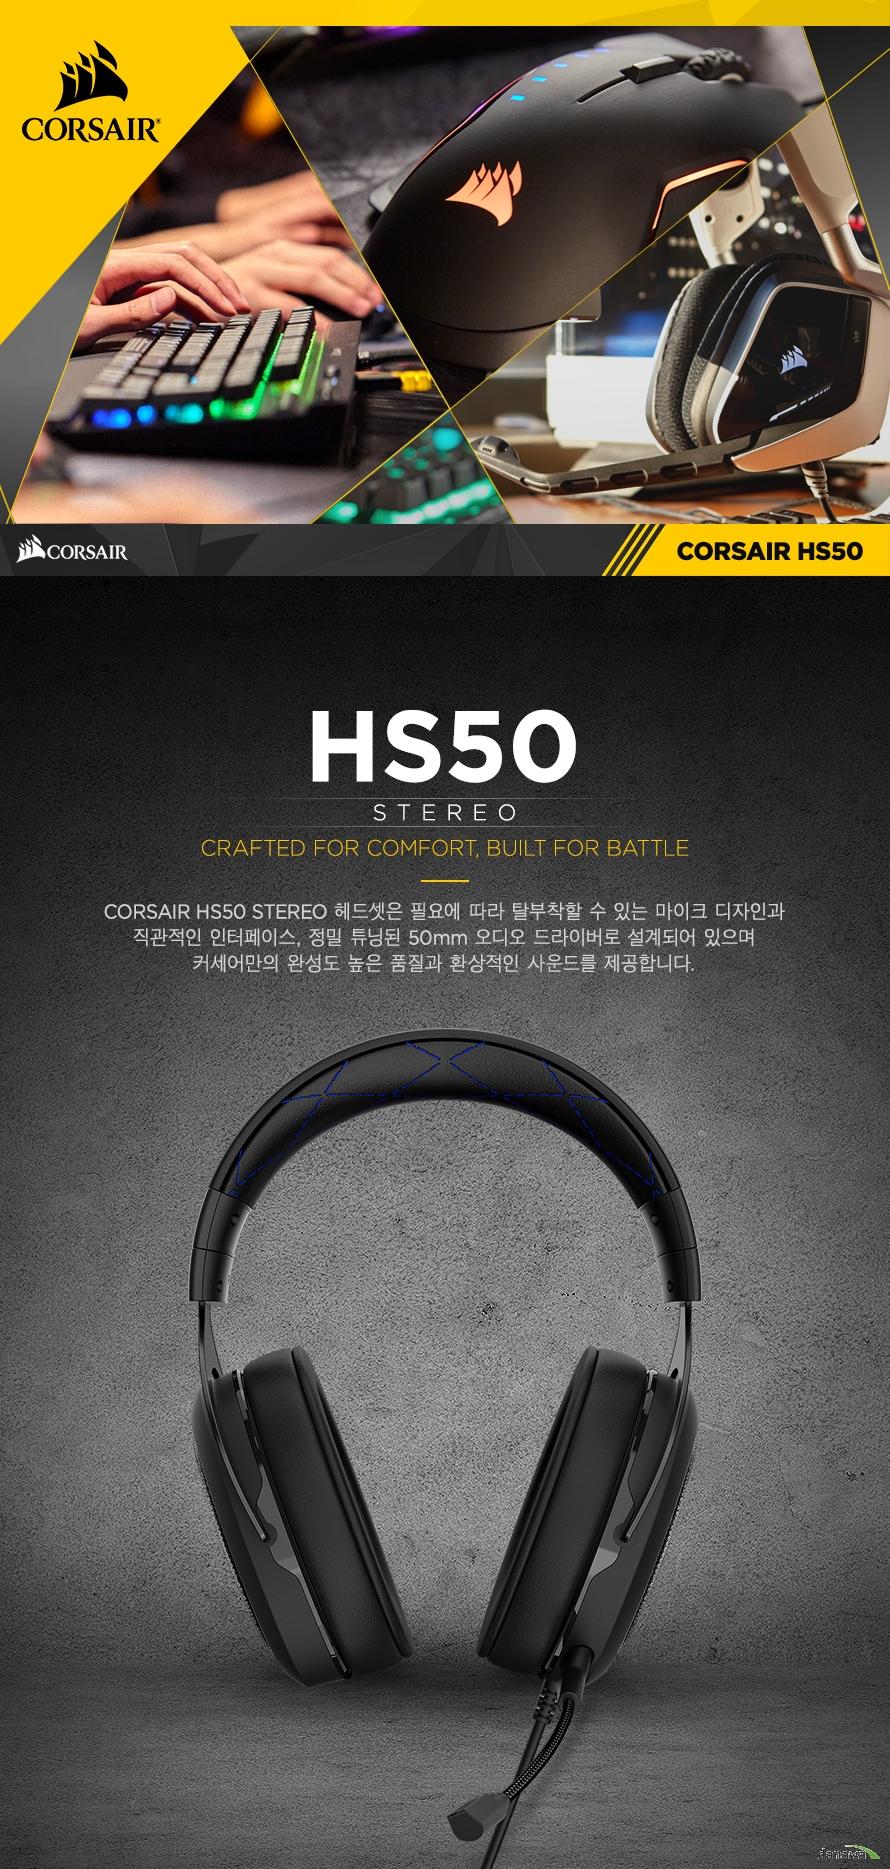 CORSAIR HS50 STEREO 헤드셋은 필요에 따라 탈부착할 수 있는 마이크 디자인과직관적인 인터페이스, 정밀 튜닝된 50mm 오디오 드라이버로 설계되어 있으며커세어만의 완성도 높은 품질과 환상적인 사운드를 제공합니다.